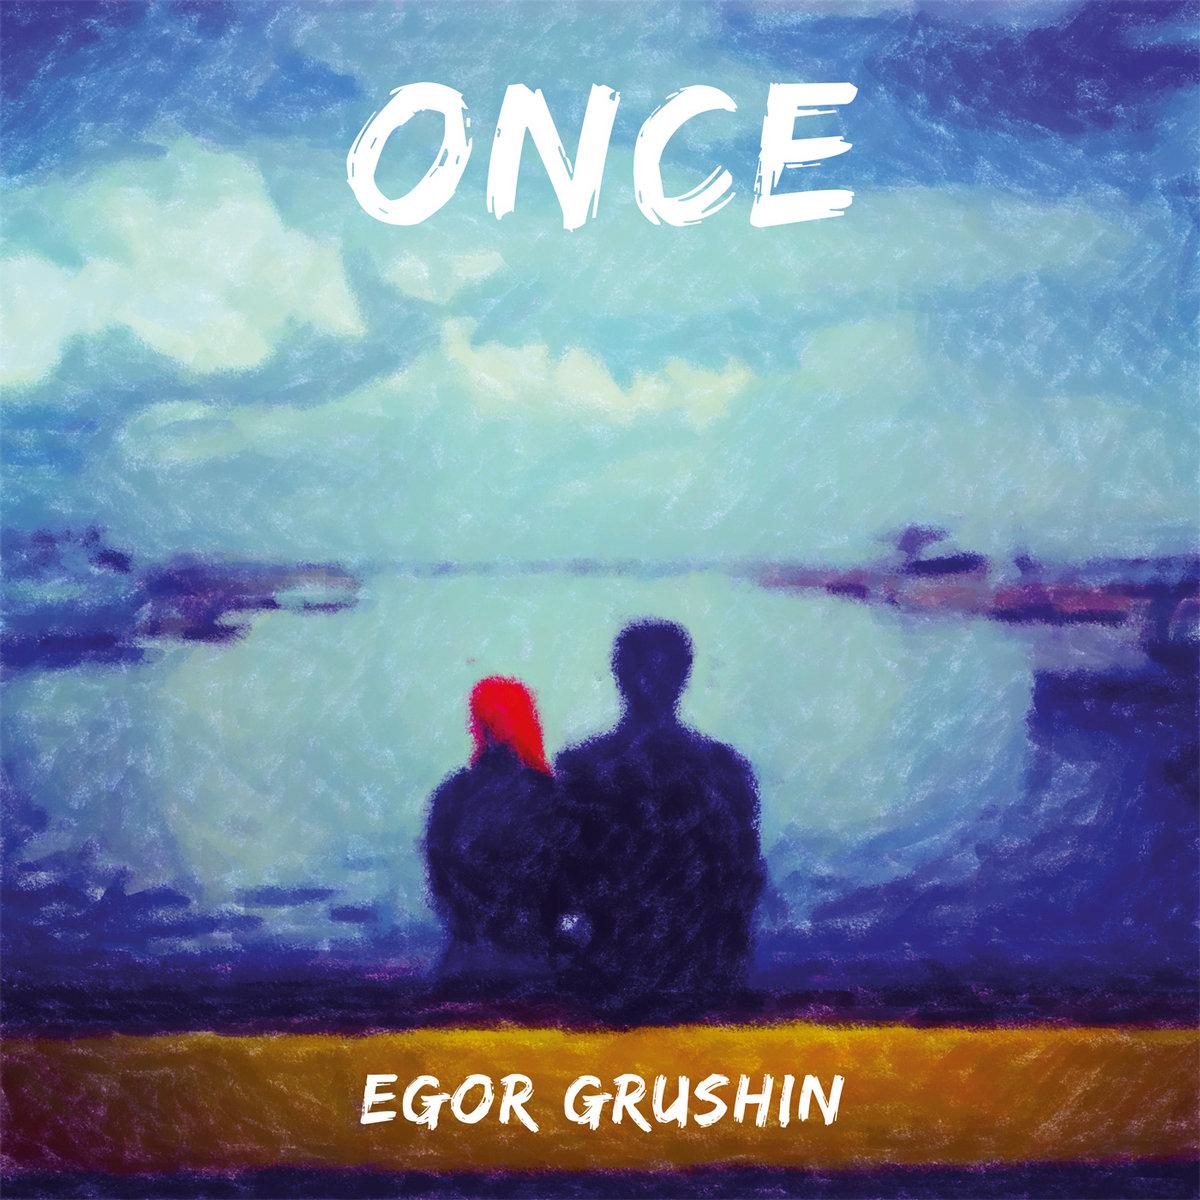 Єгор Грушин - Once (2016)